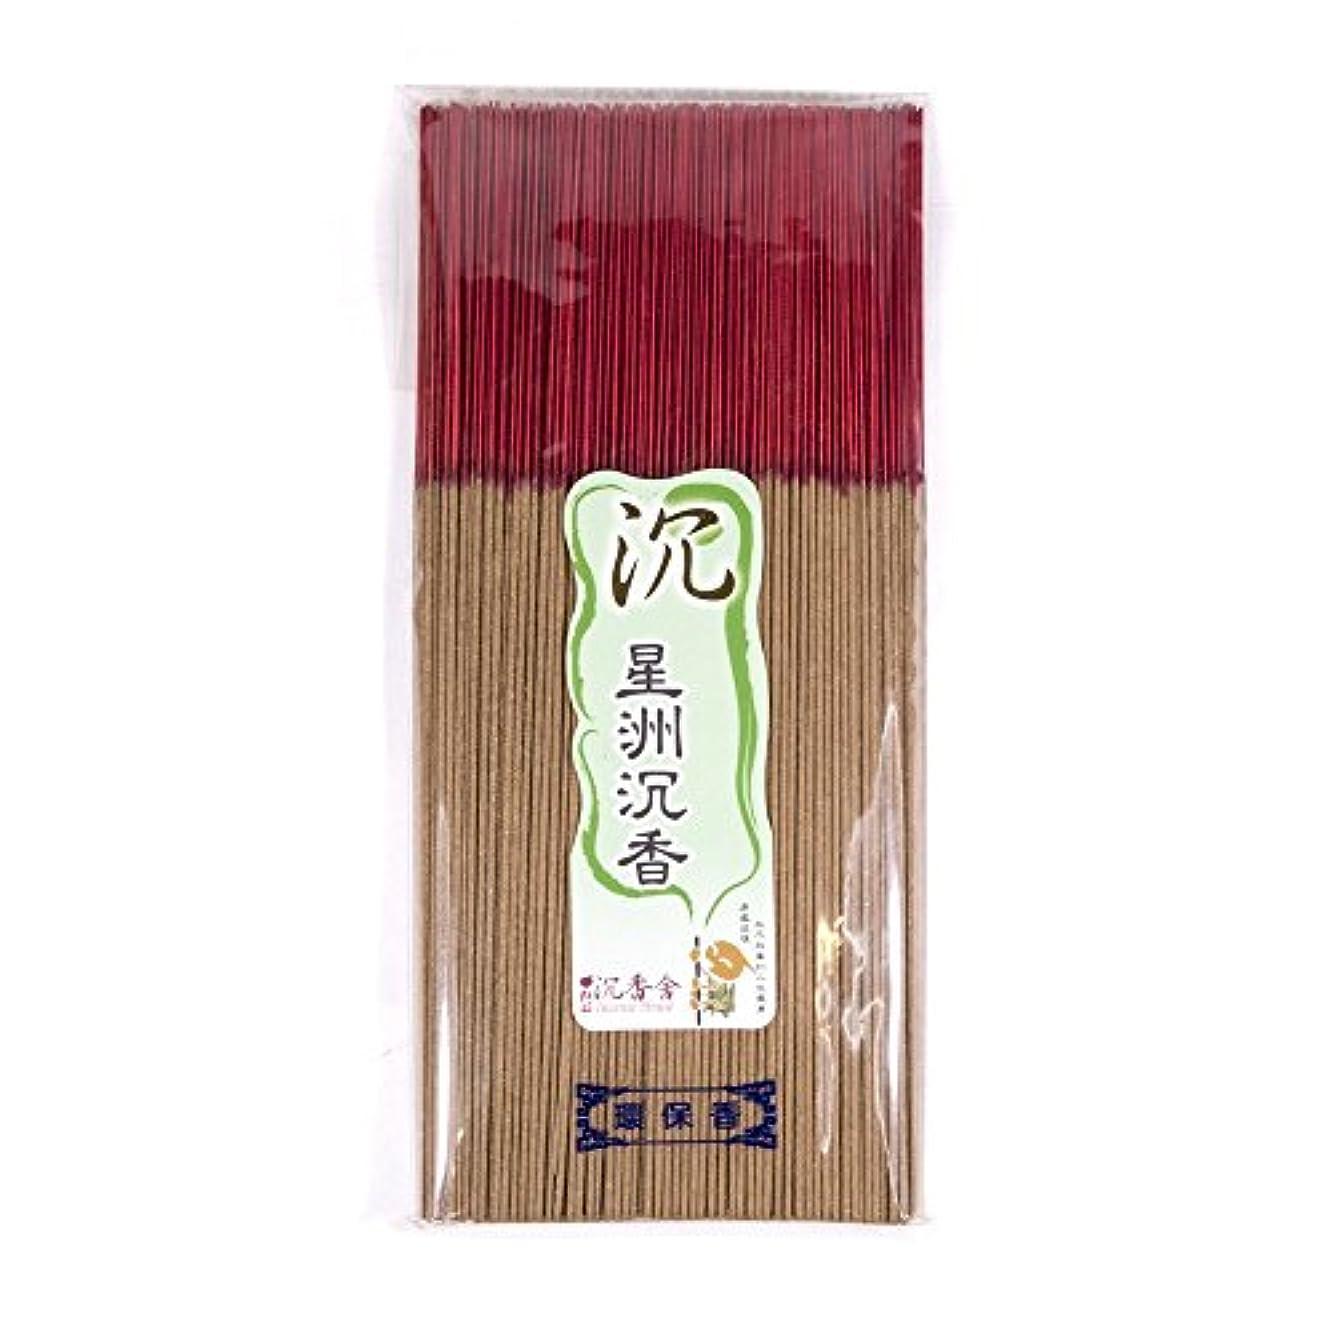 西誓うしばしば台湾沉香舍 星洲沈香 台湾のお香家 - 沈香 30cm (木支香) 300g 約400本